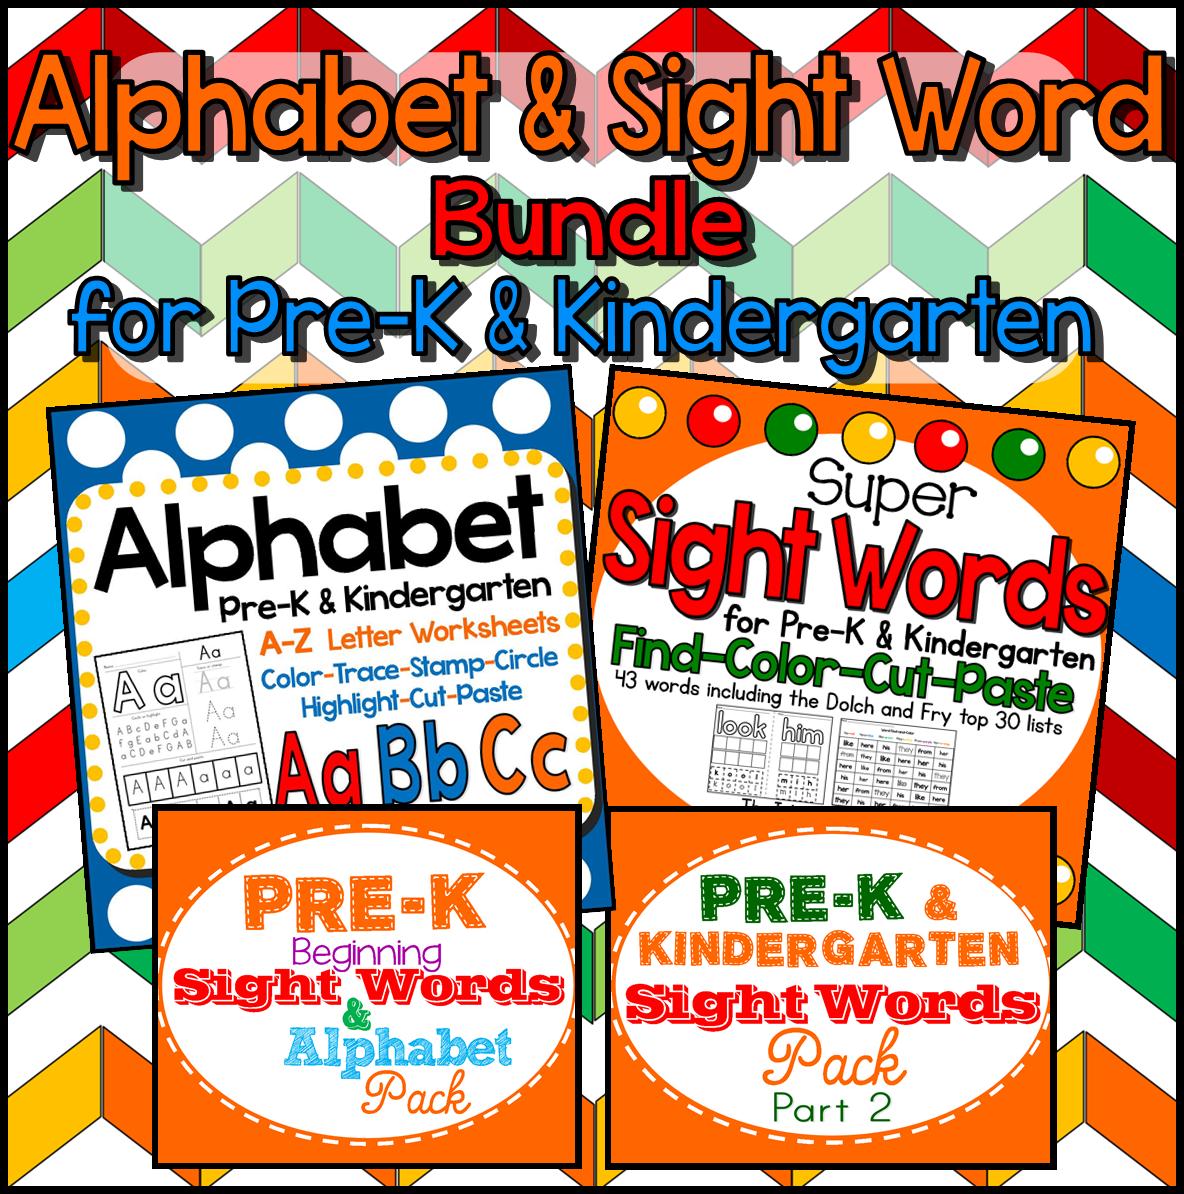 tpt worksheets pre-k kindergarten dolch fry ELA